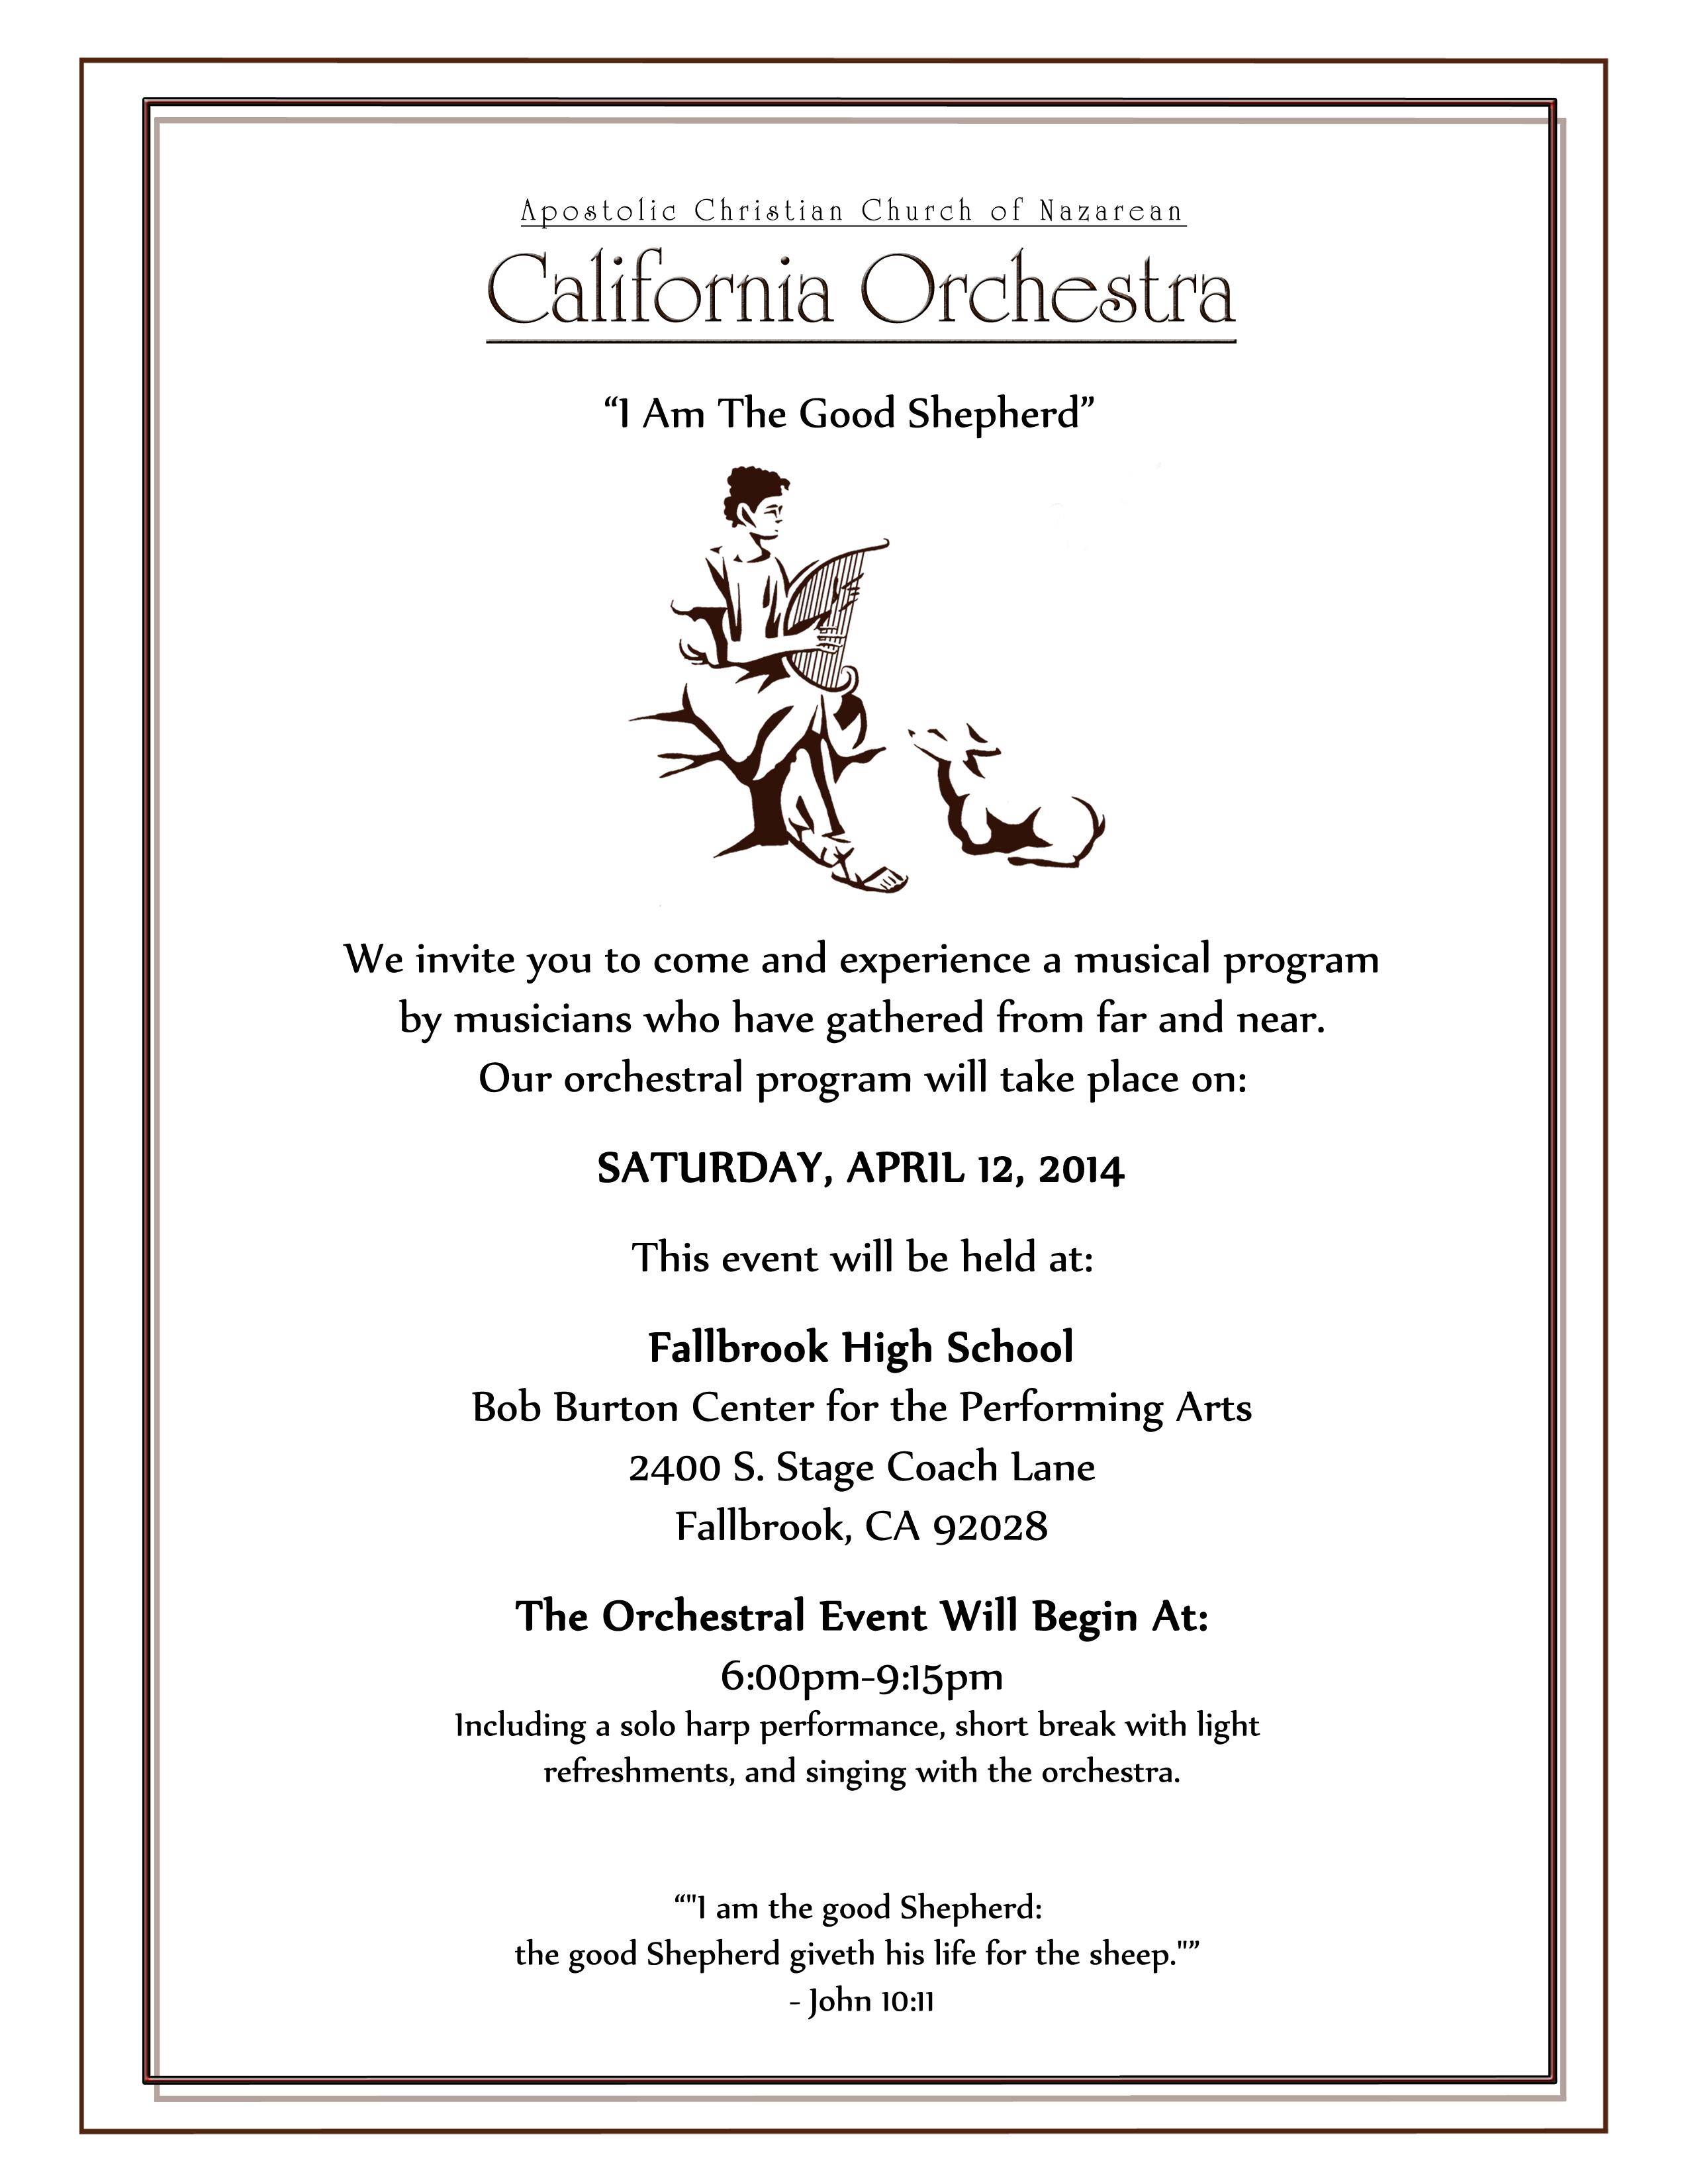 Orchestra Invitation 2014